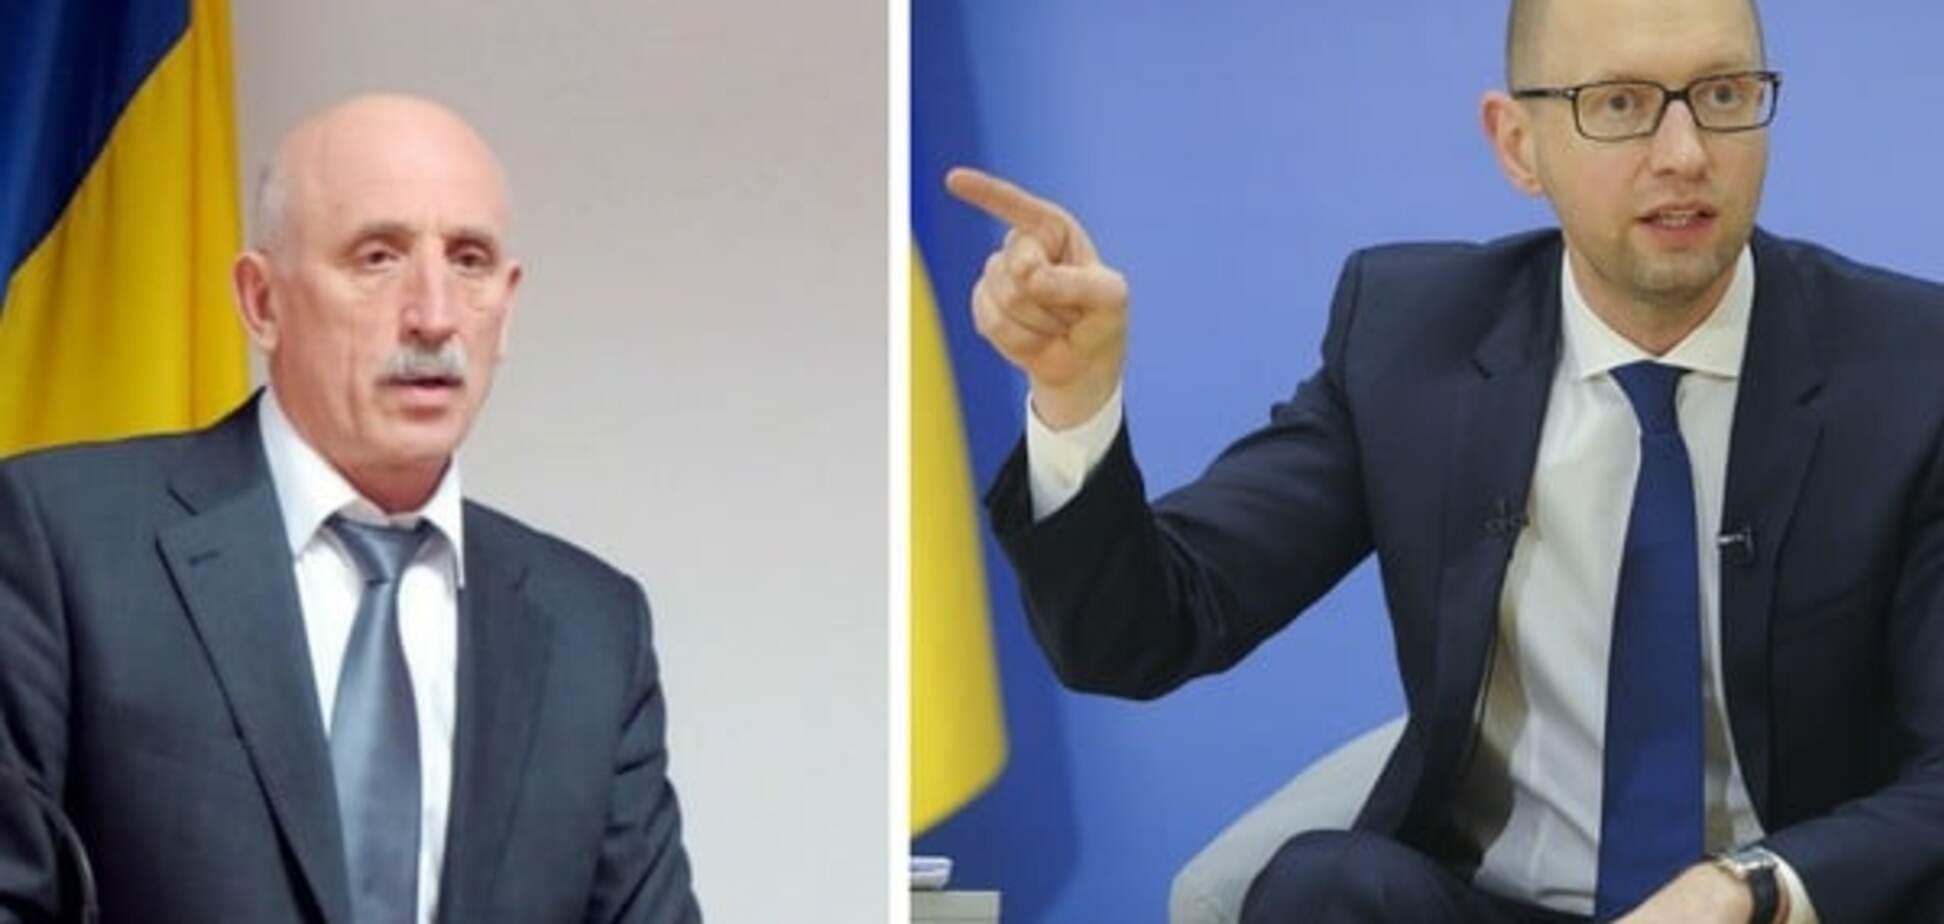 Кумовство и коррупция: руководителя пенитенциарной службы уличили в родственных связях с Яценюком